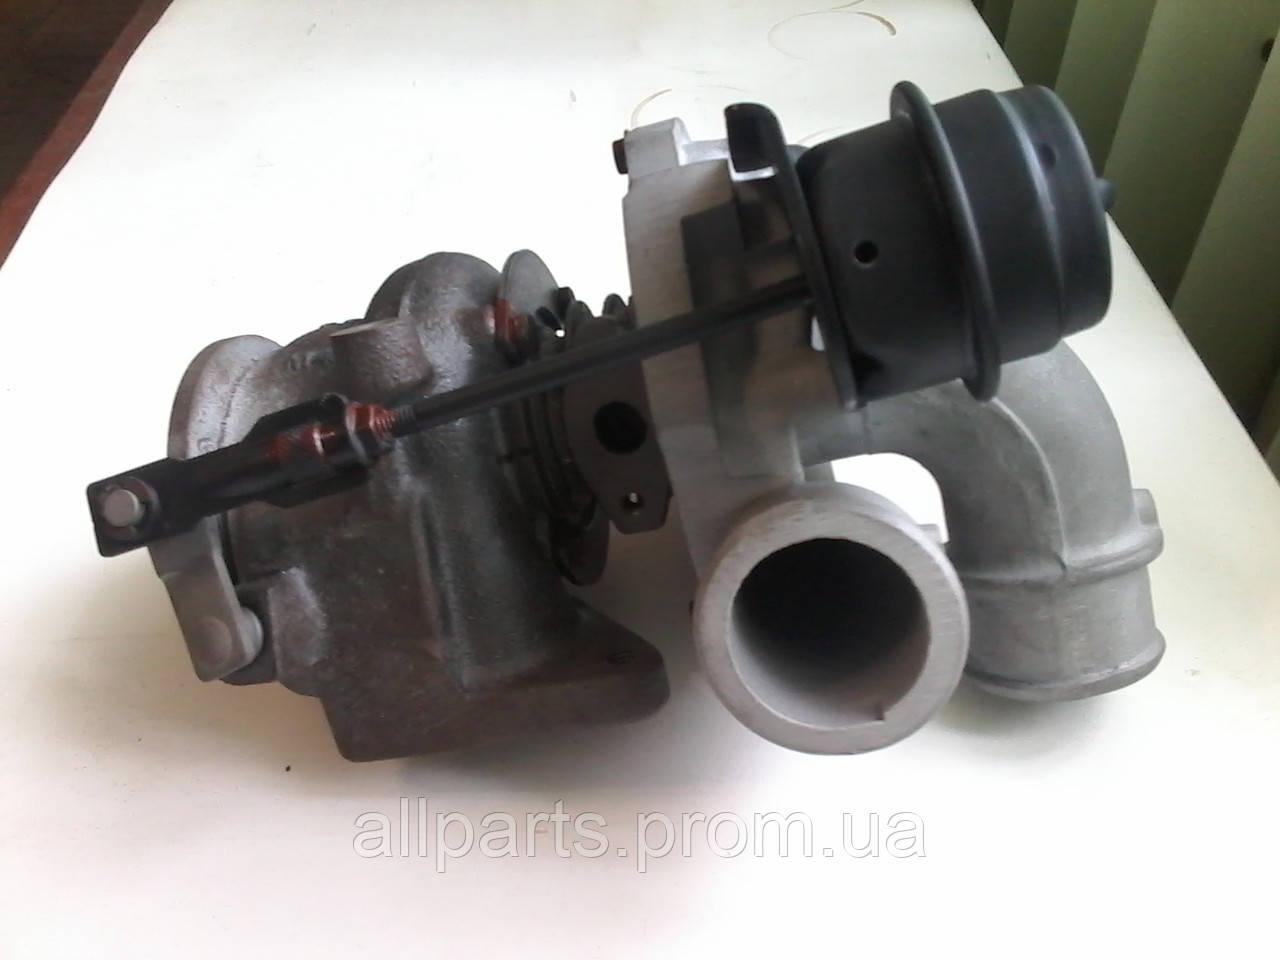 Турбина Skoda Superb 2.5TDI 01-, б/у реставрированная